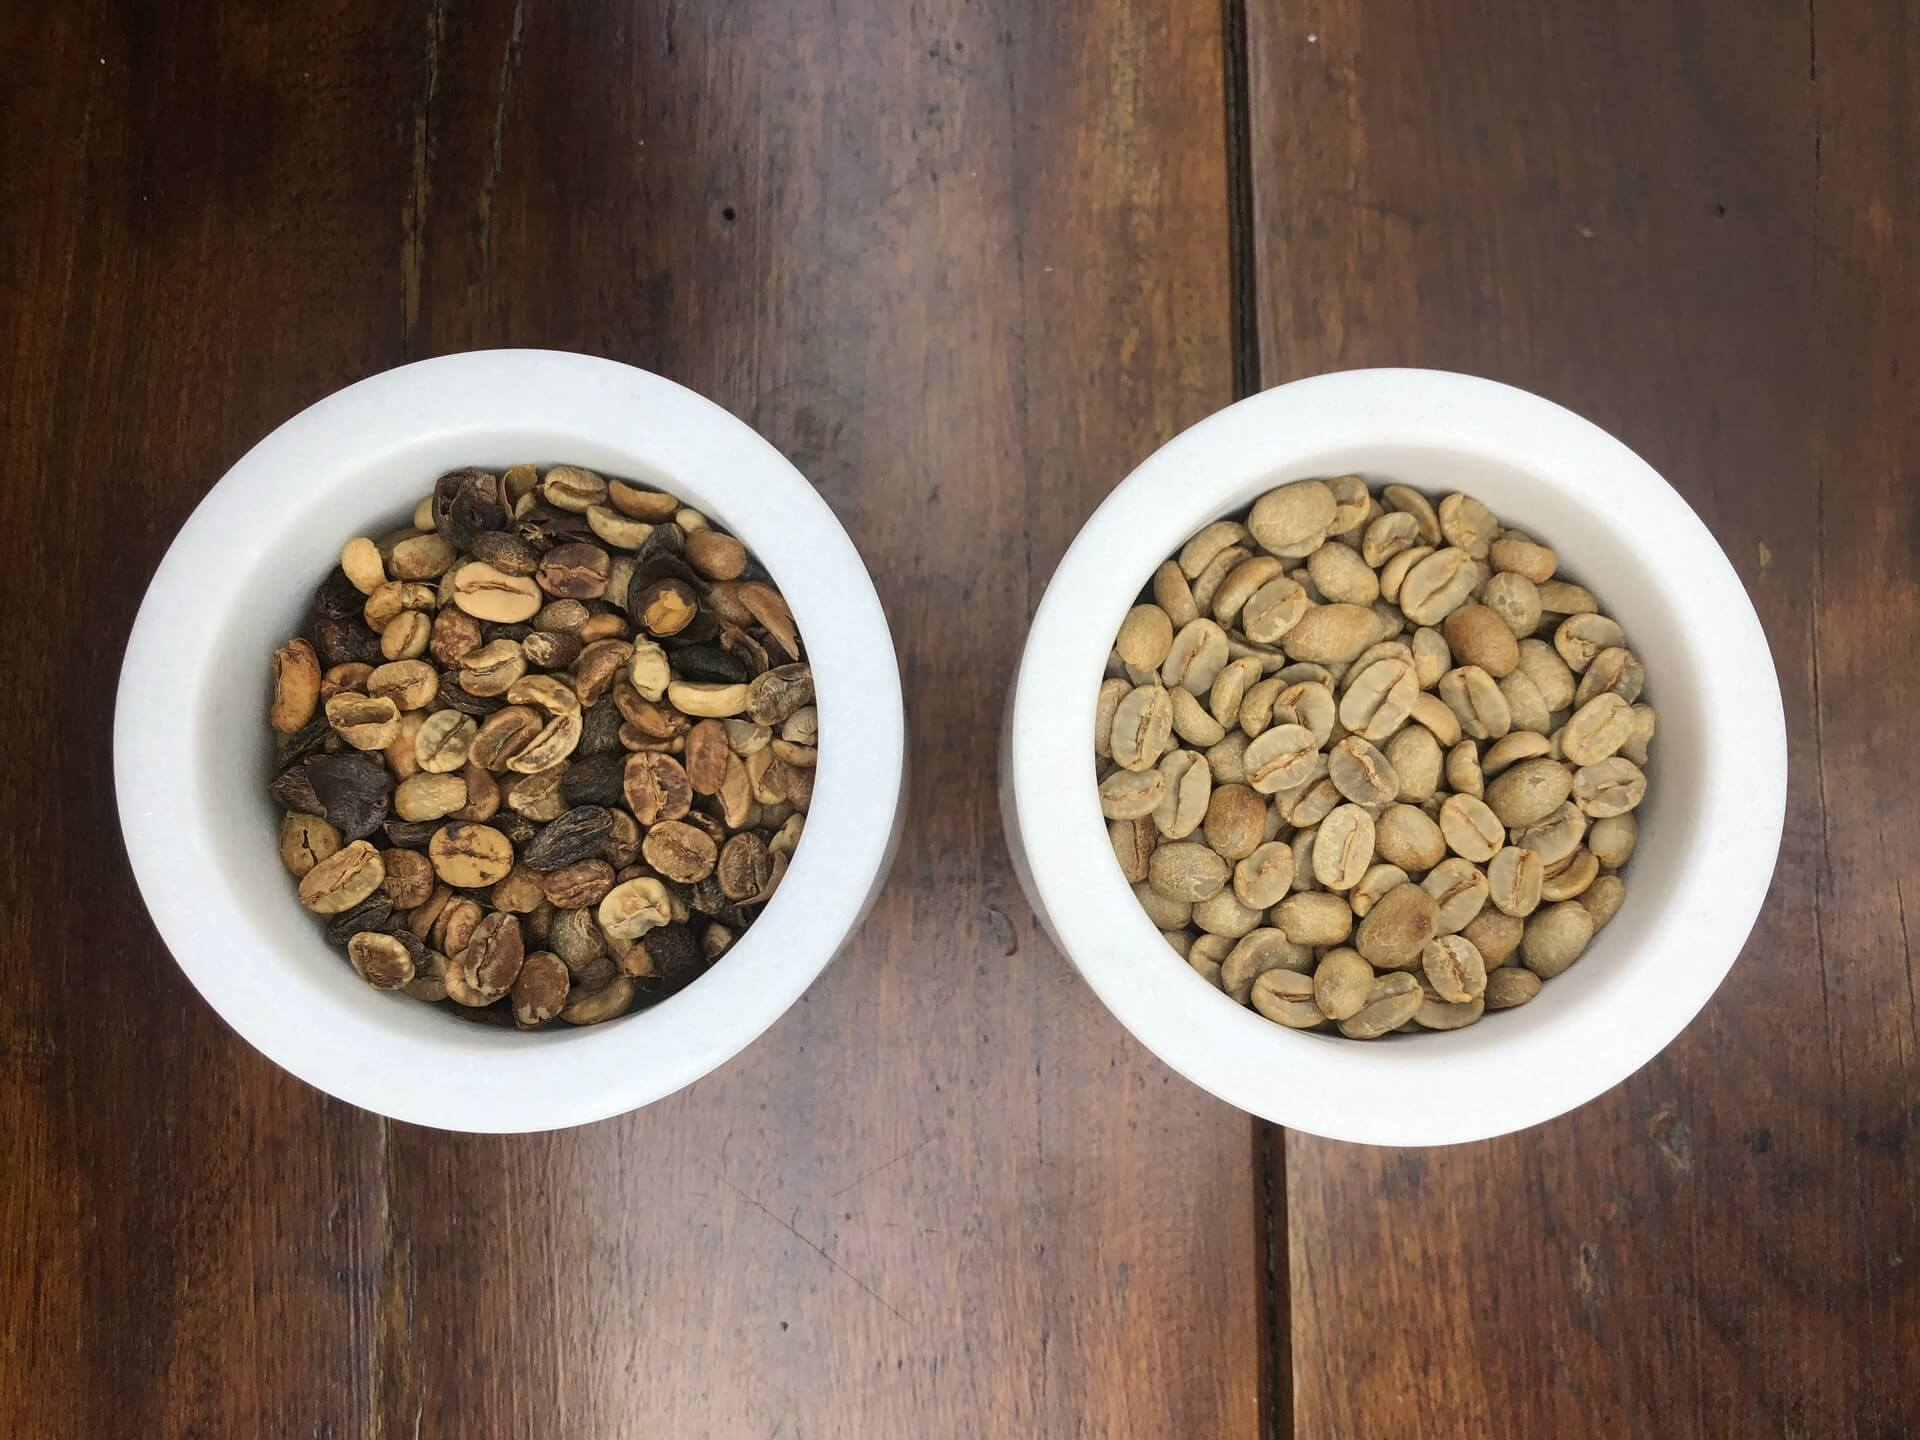 À esquerda, grão de café tradicional . À direita, grão de café especial. Foto: Arquiteca Projetos Afetivos.